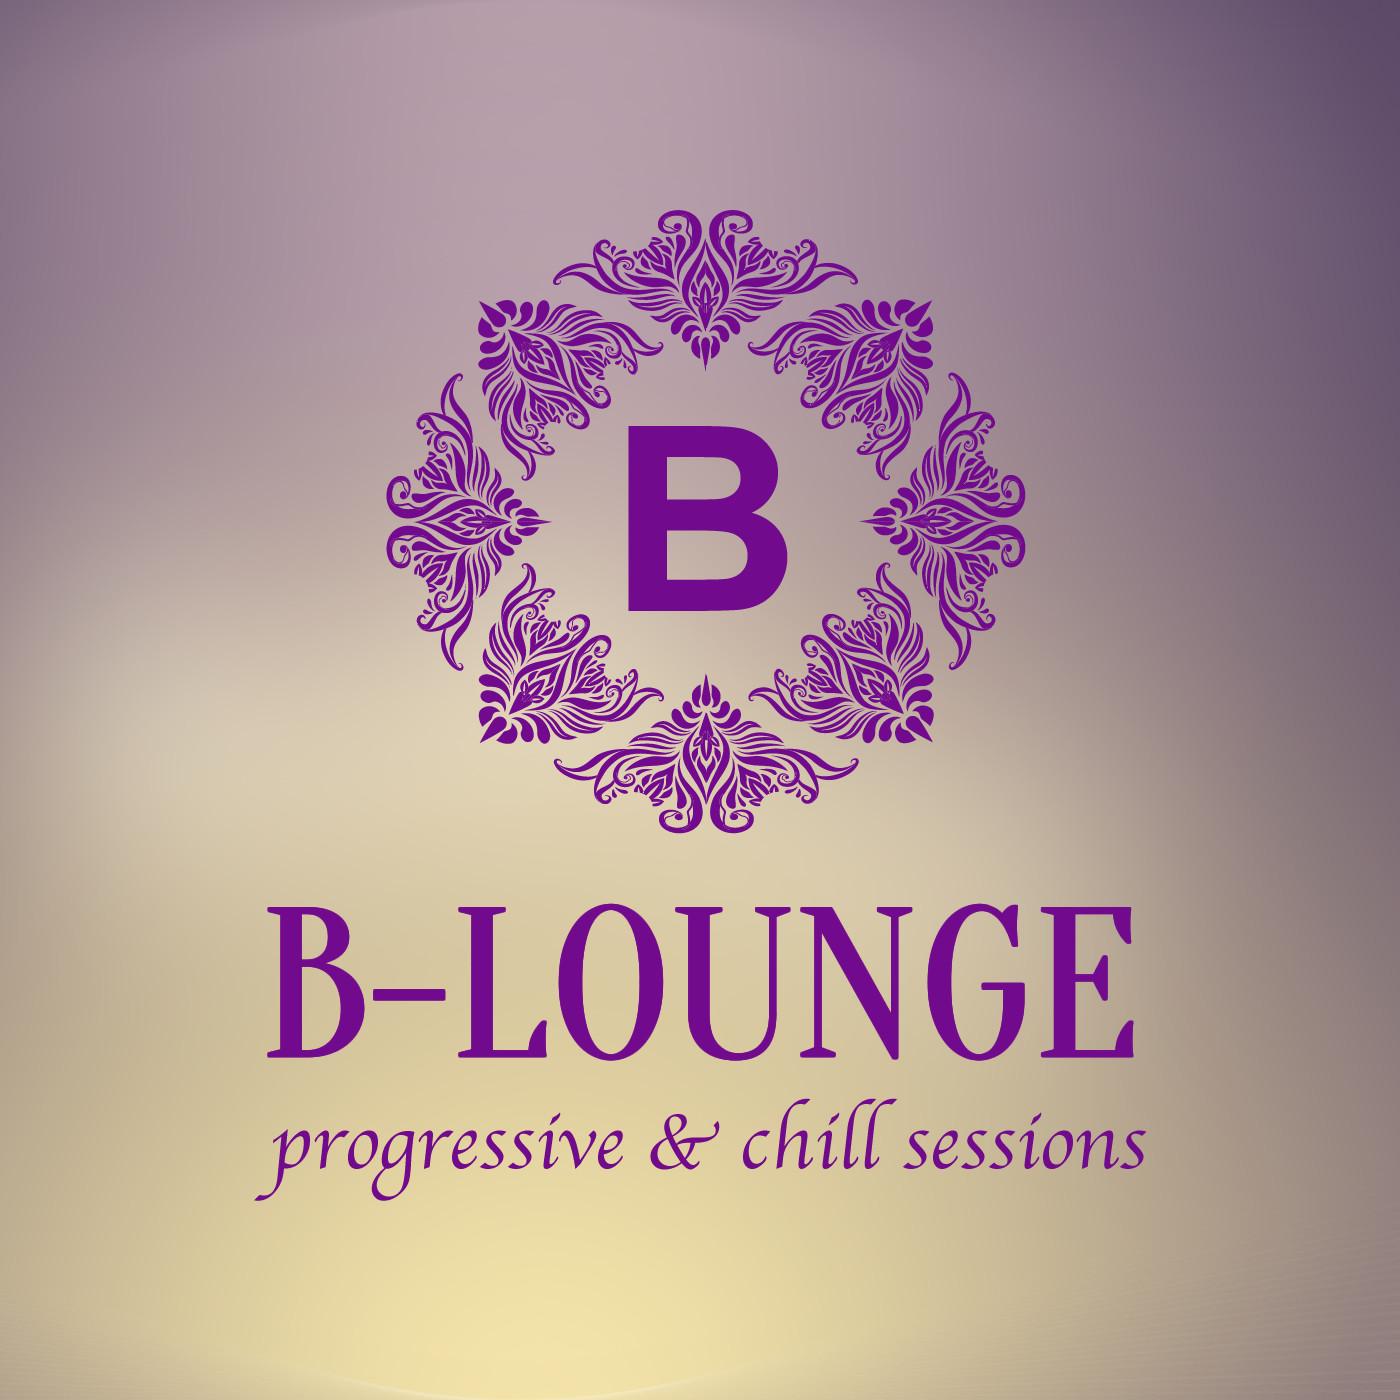 B-Lounge Progressive & Chill Sessions